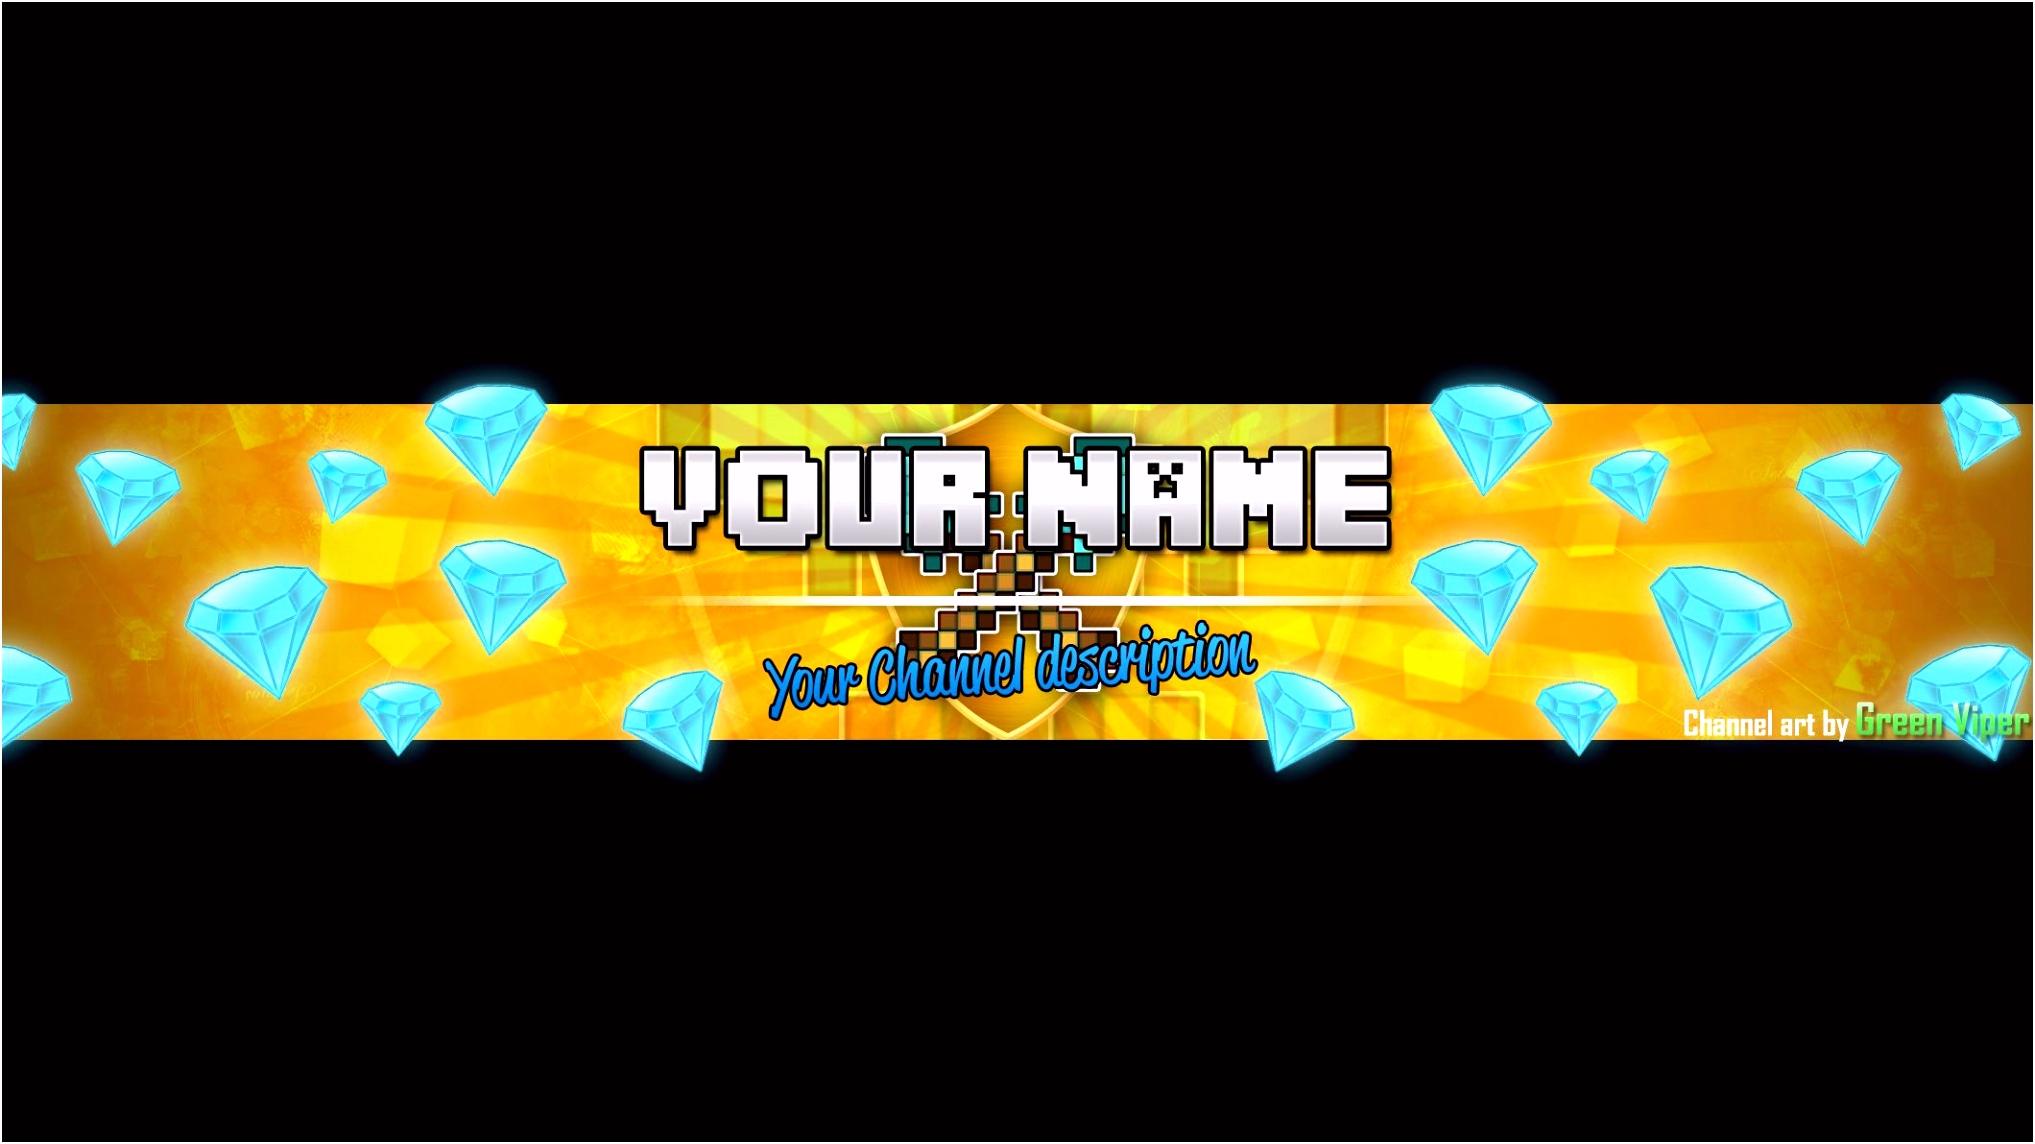 Die Erstaunliche Minecraft Banner Vorlage